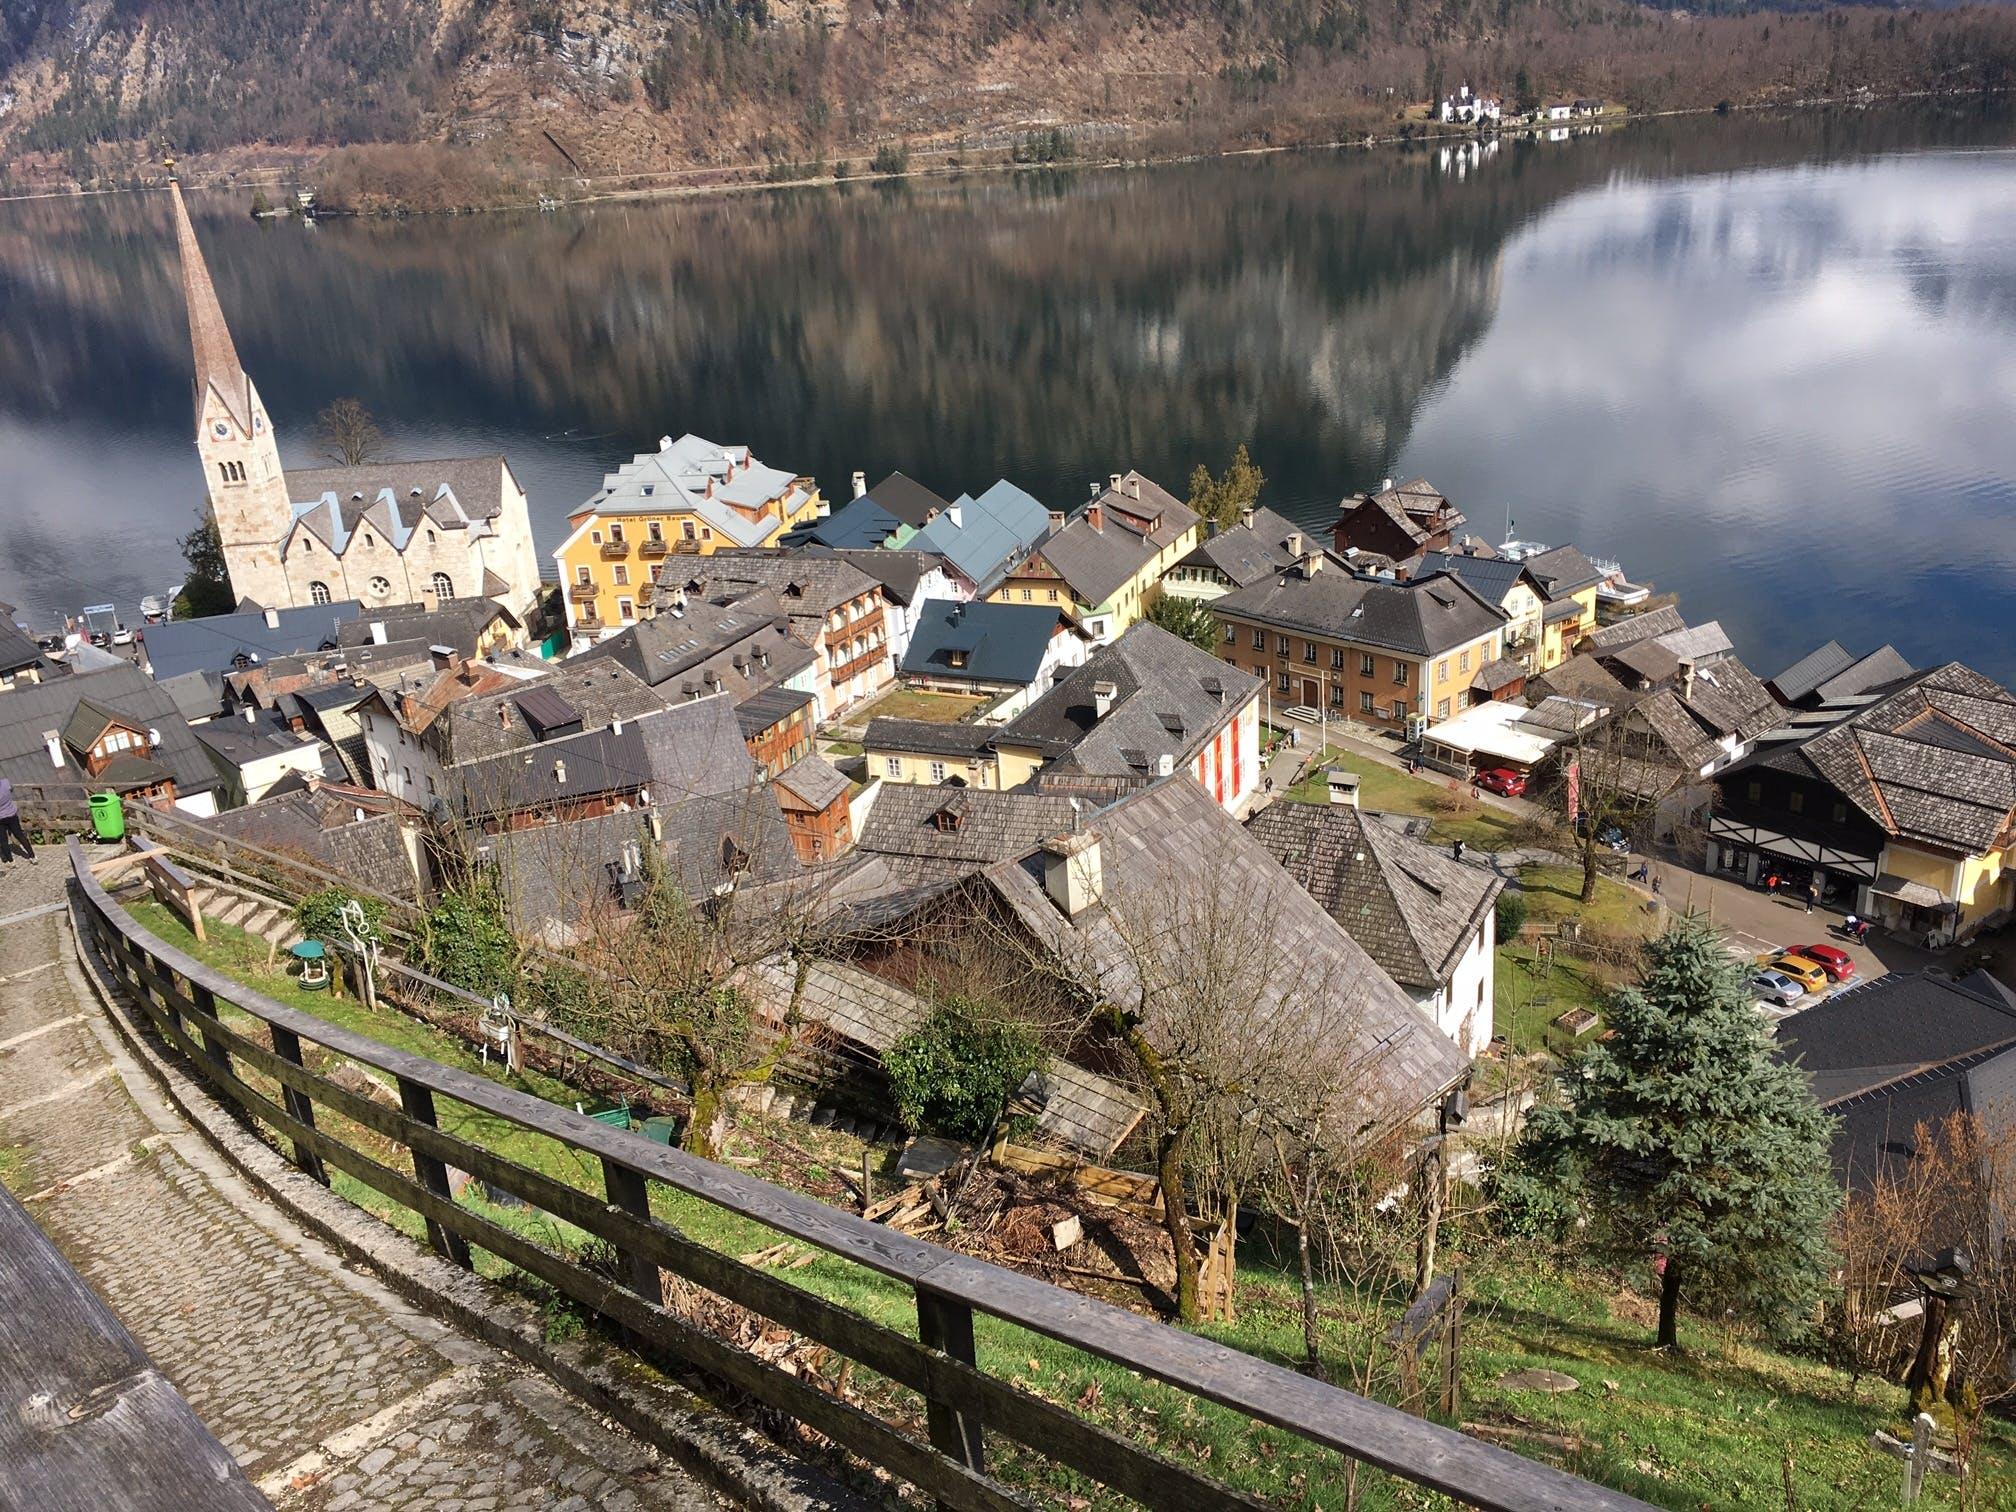 Ver la ciudad,Tickets, museos, atracciones,Entradas a atracciones principales,Tour por Salzburgo,Excursión a Hallstatt